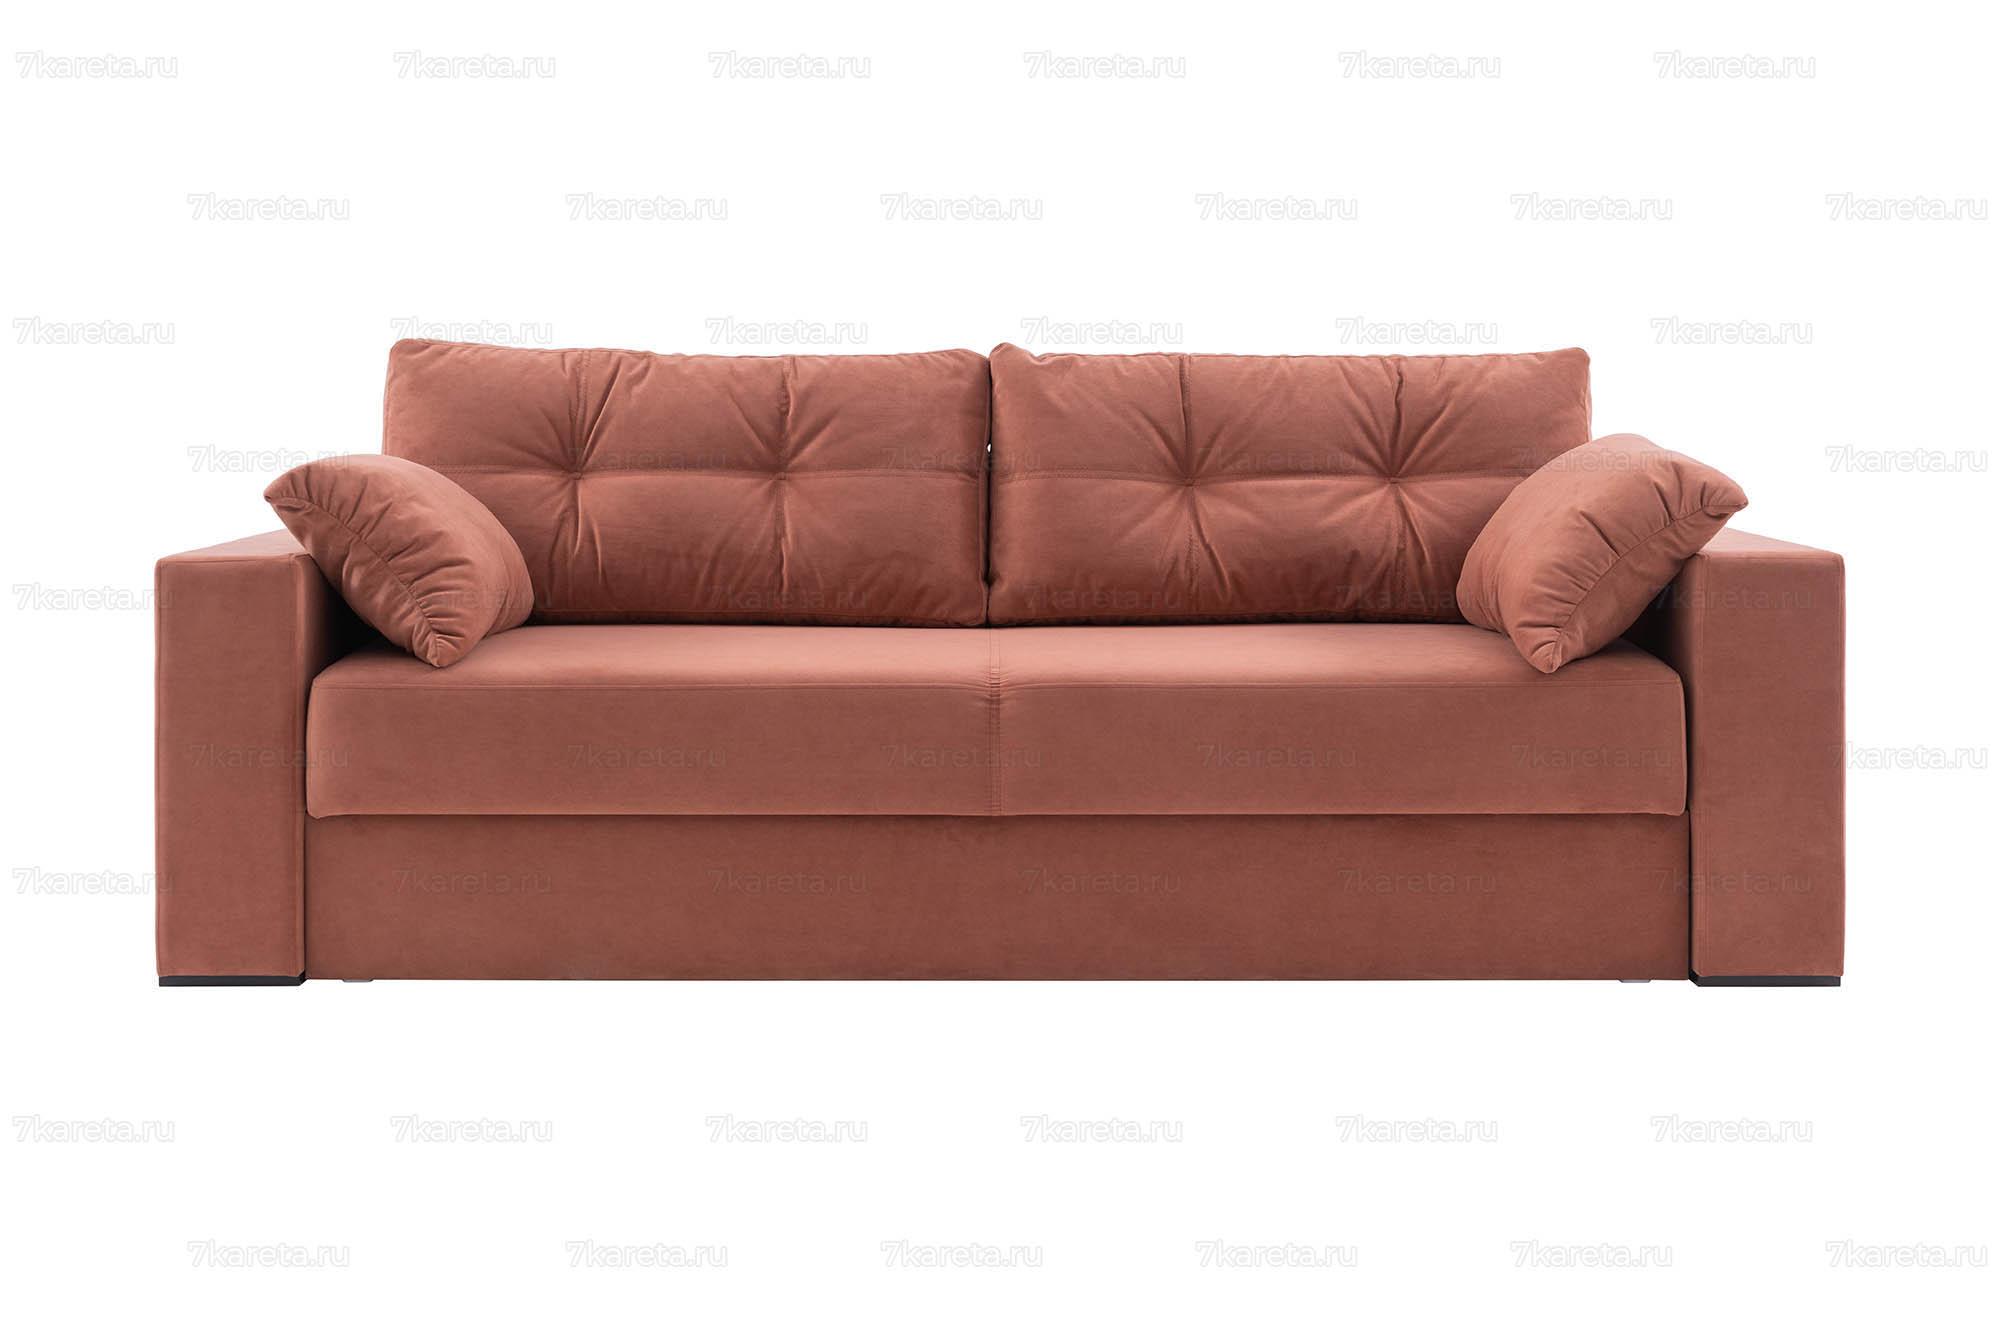 7 Карета диван тик-так Доминик